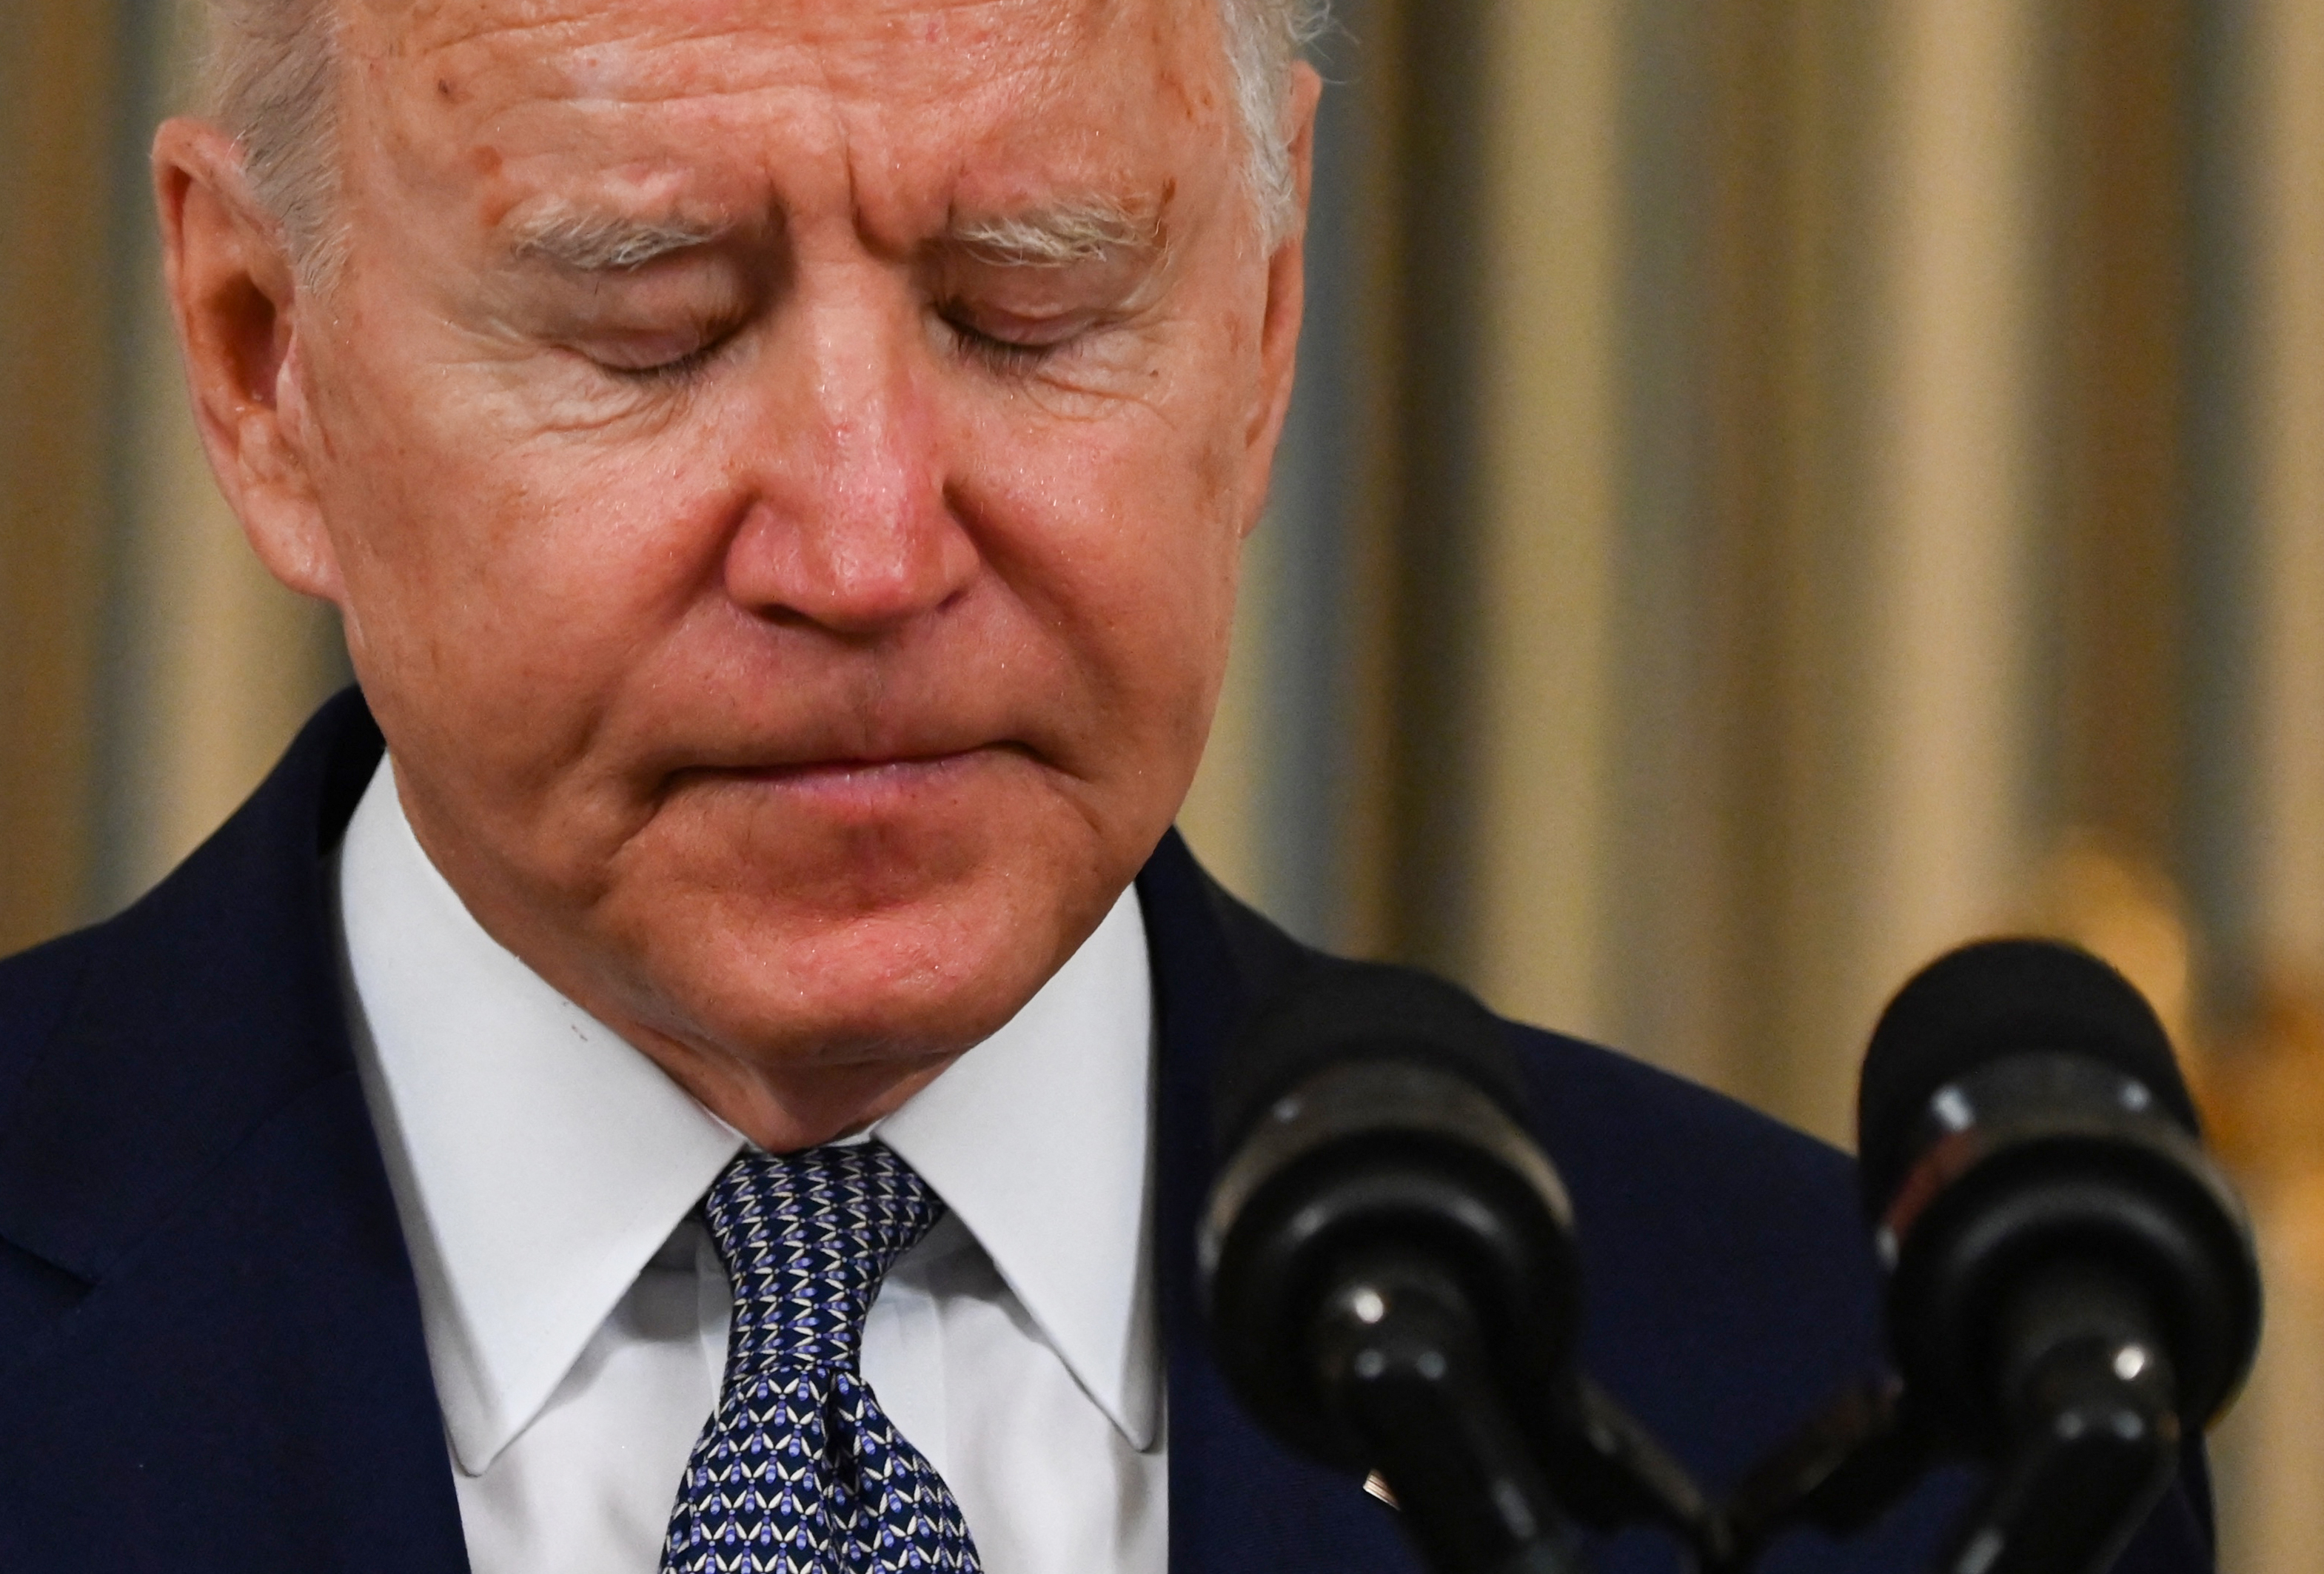 Egyre több a botrány, egyre nevetségesebbé válik Joe Biden